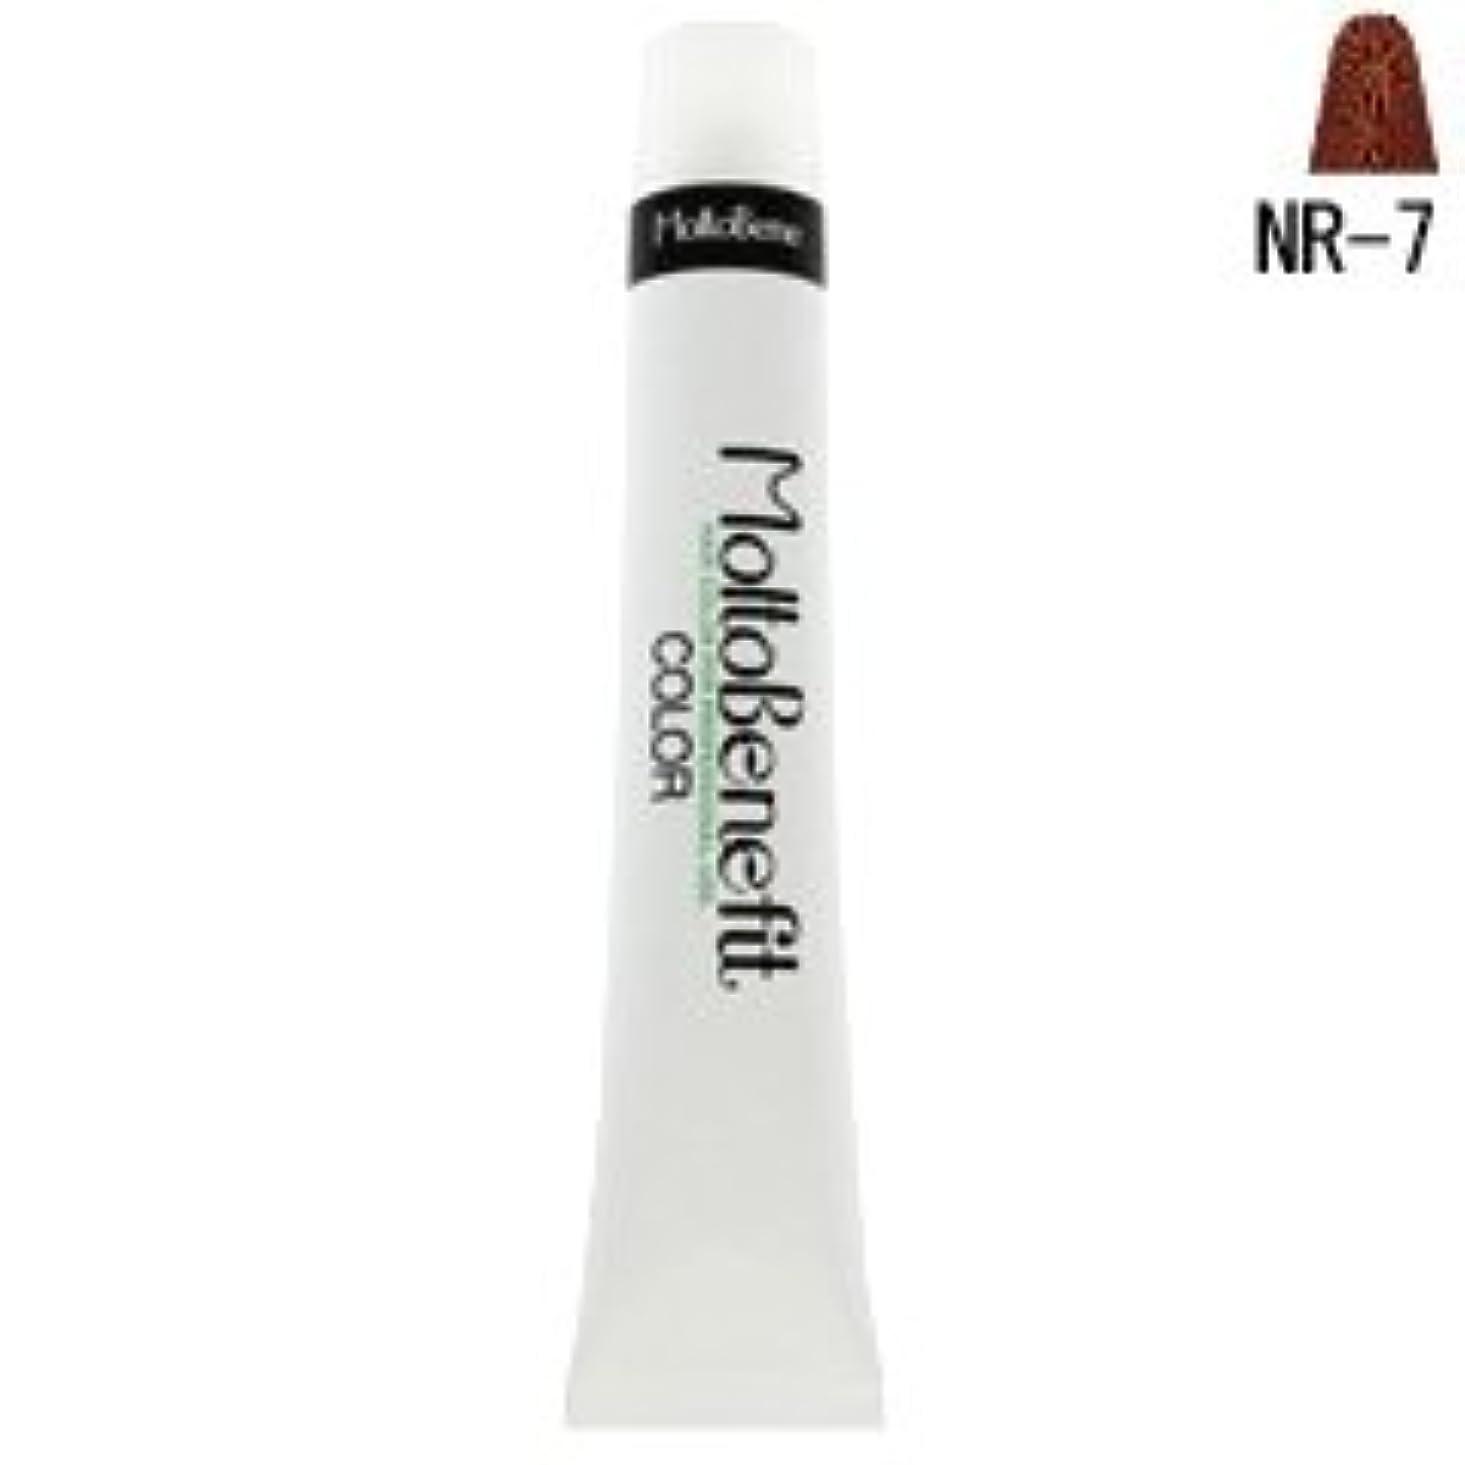 シロクマ市の花反抗【モルトベーネ】フィットカラー グレイナチュラルカラー NR-7 ナチュラルレッド 60g